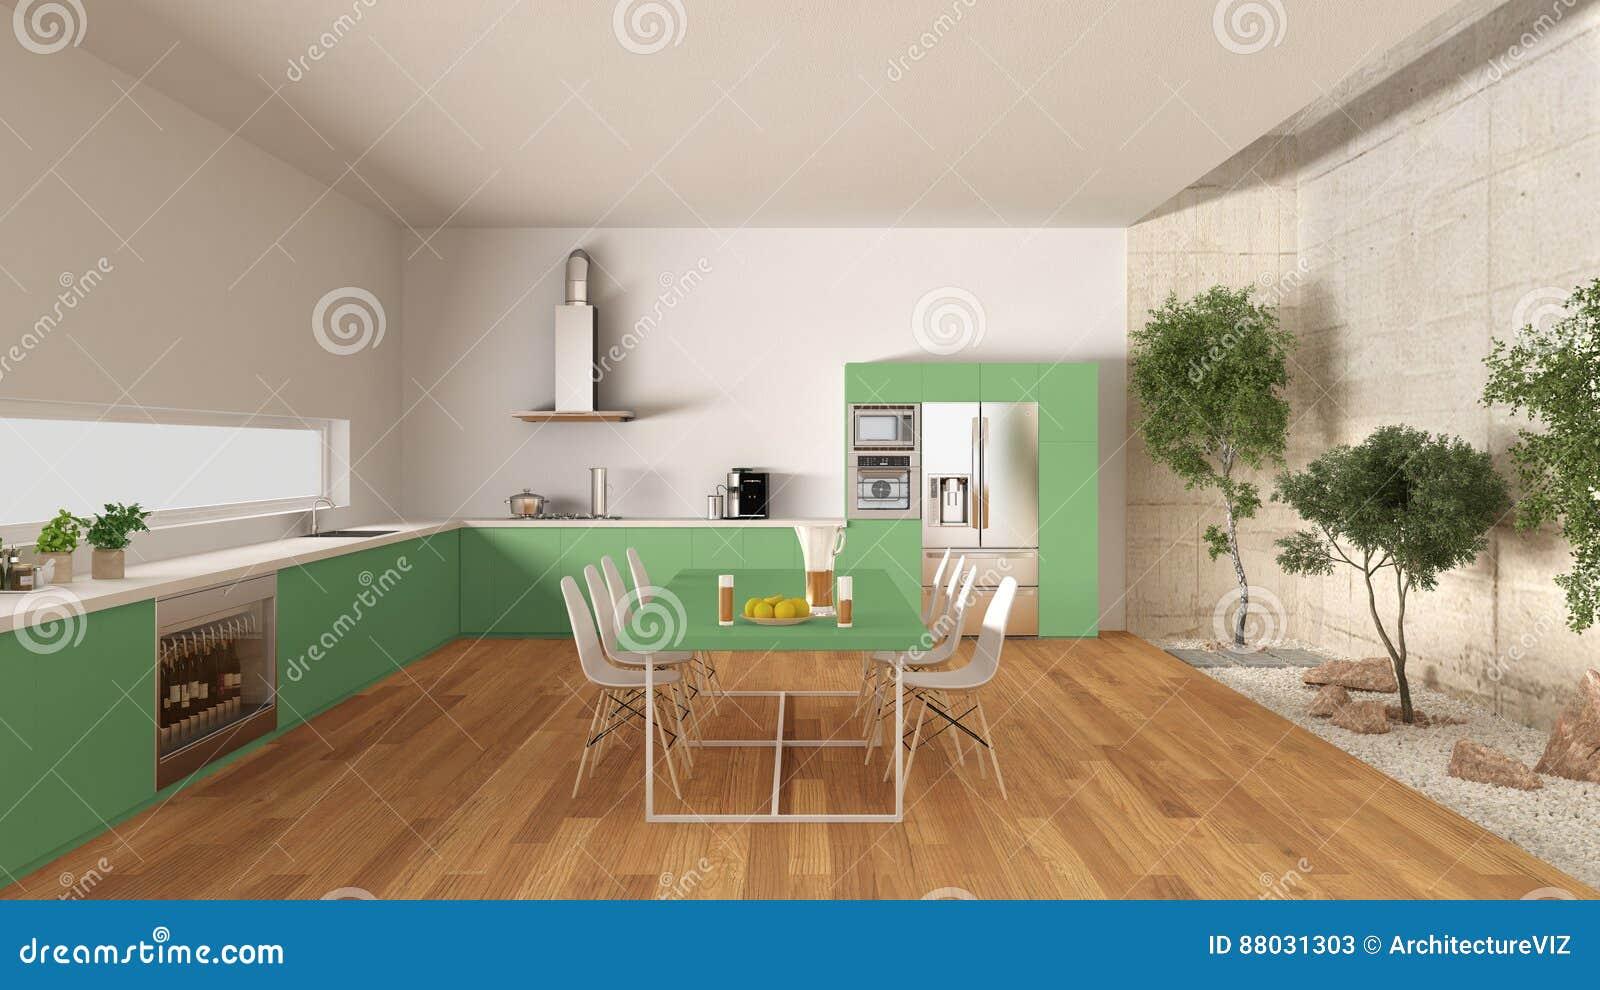 download cuisine blanche et verte avec le jardin intrieur desi intrieur minimal illustration stock